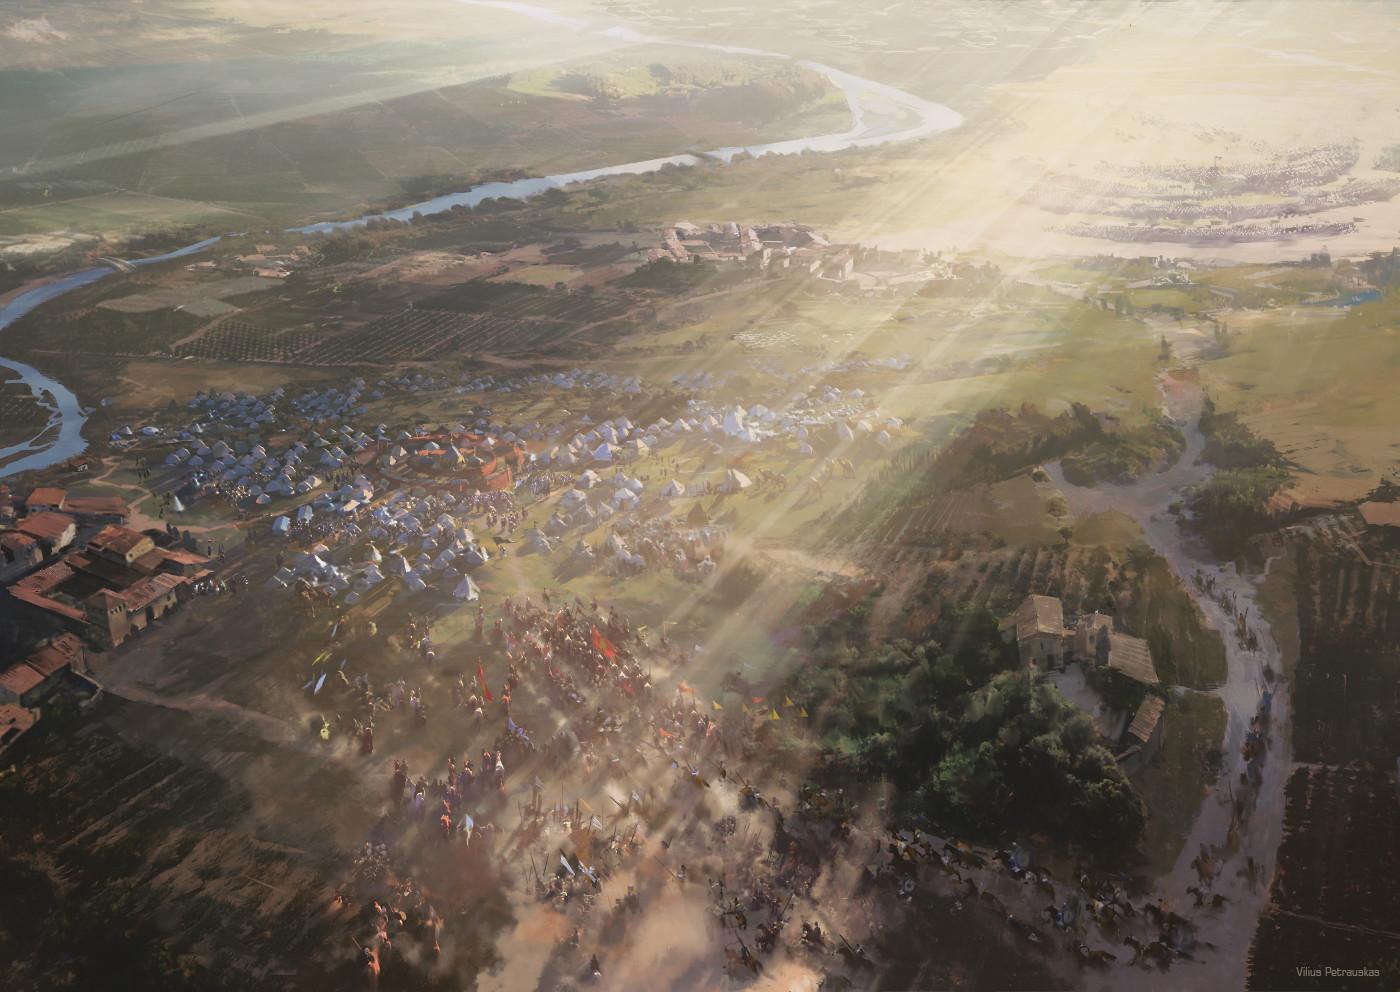 Vilius petrauskas 1700329 dfam40 battle of cuarte vilius petrauskas